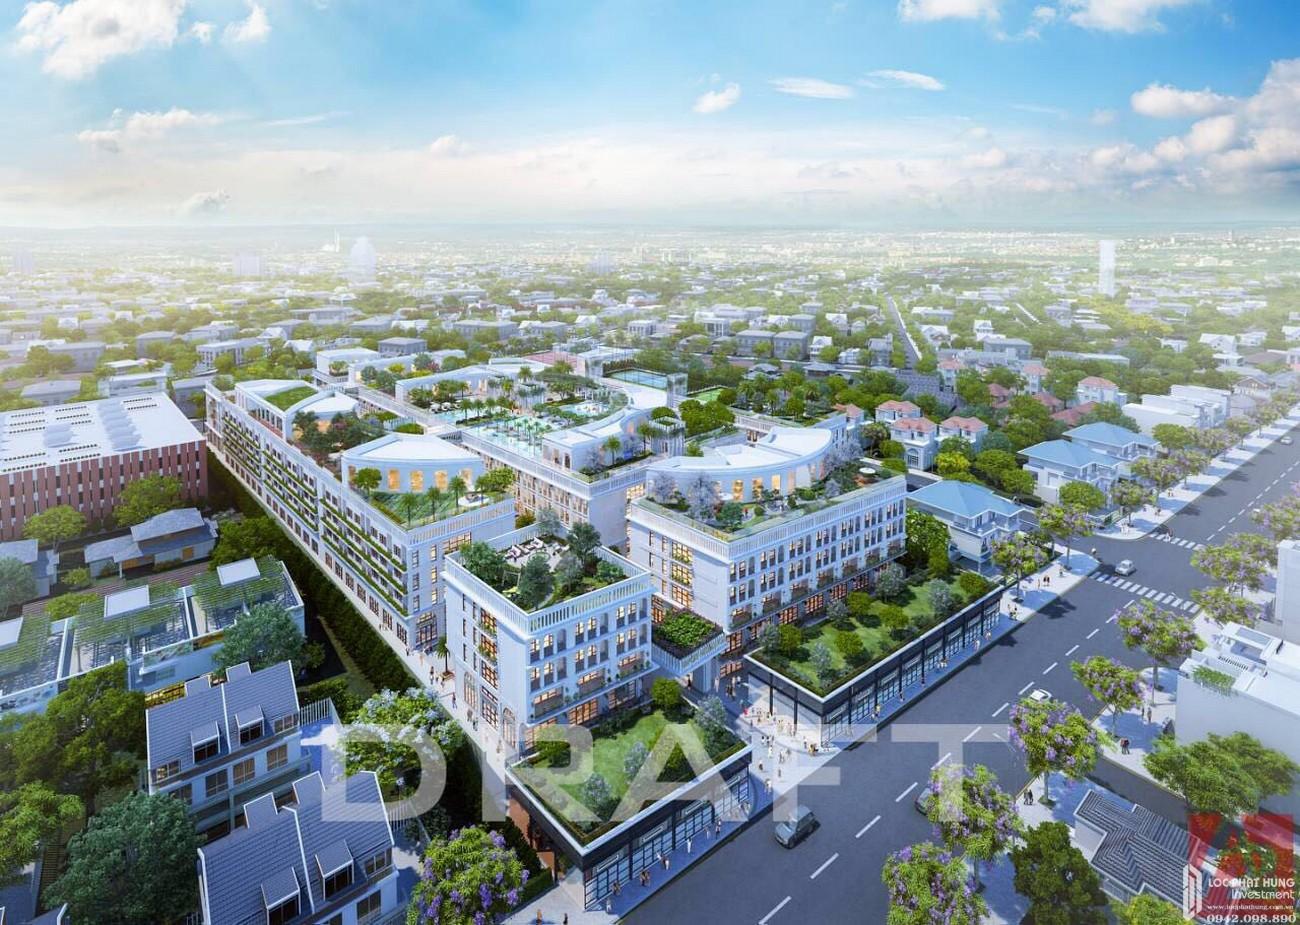 Phối cảnh tổng thể dự án căn hộ shophouse D One Saigon Gò Vấp chủ đầu tư DHA Corp